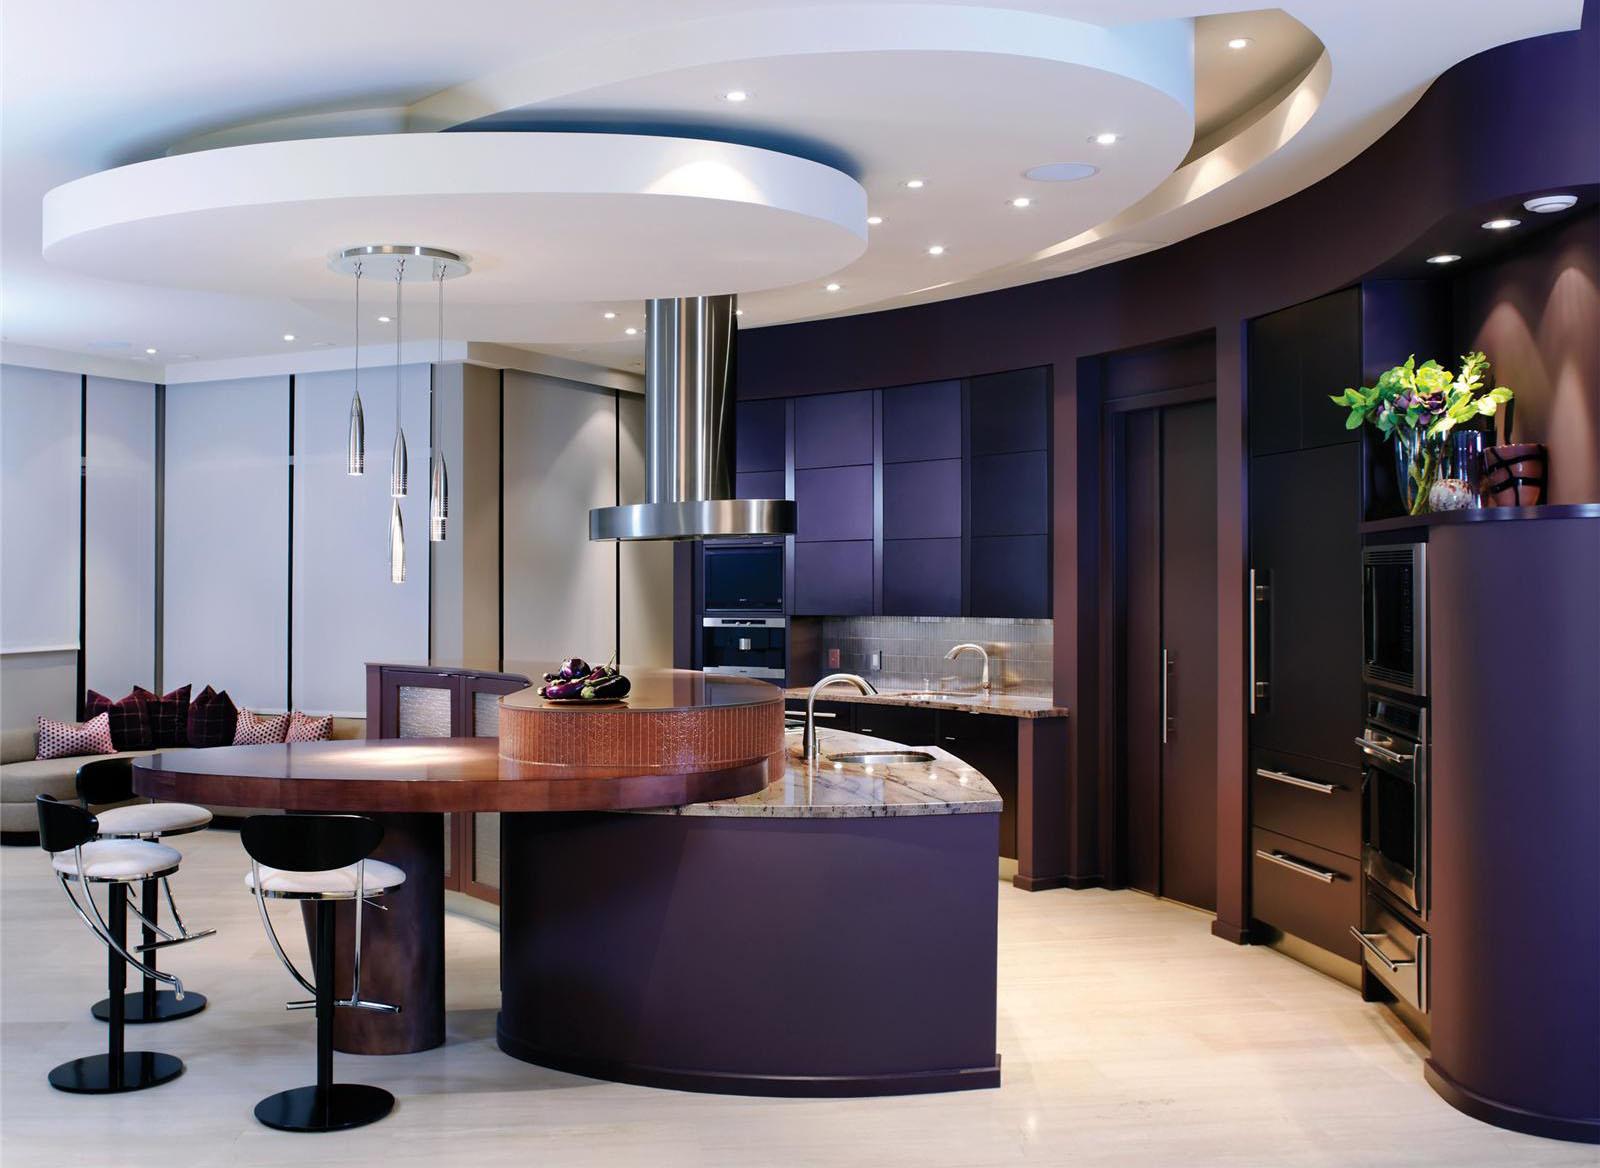 open contemporary kitchen design ideas | idesignarch | interior